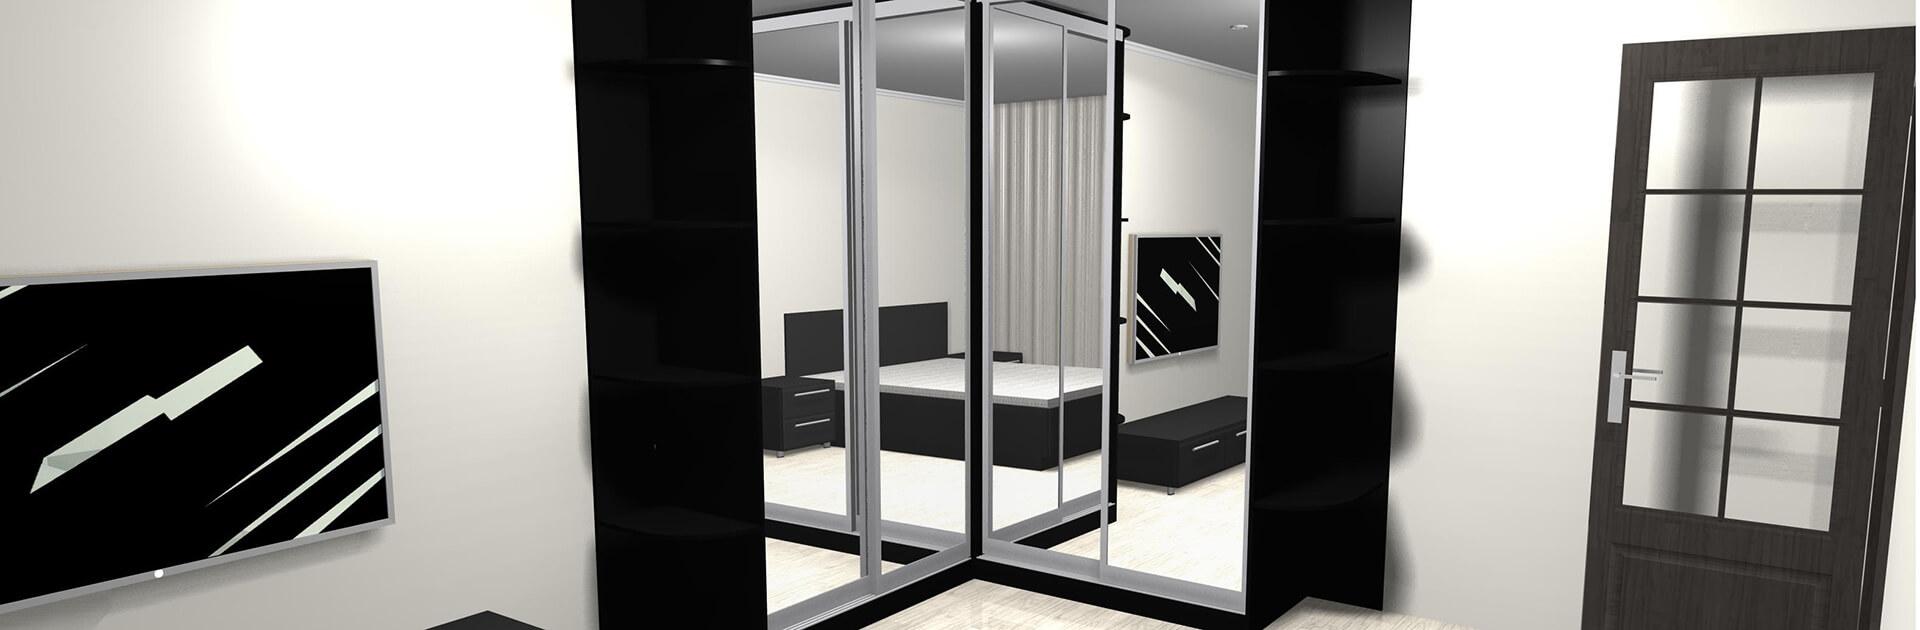 Czarna szafa narożna z drzwiami przesuwnymi i lustrami